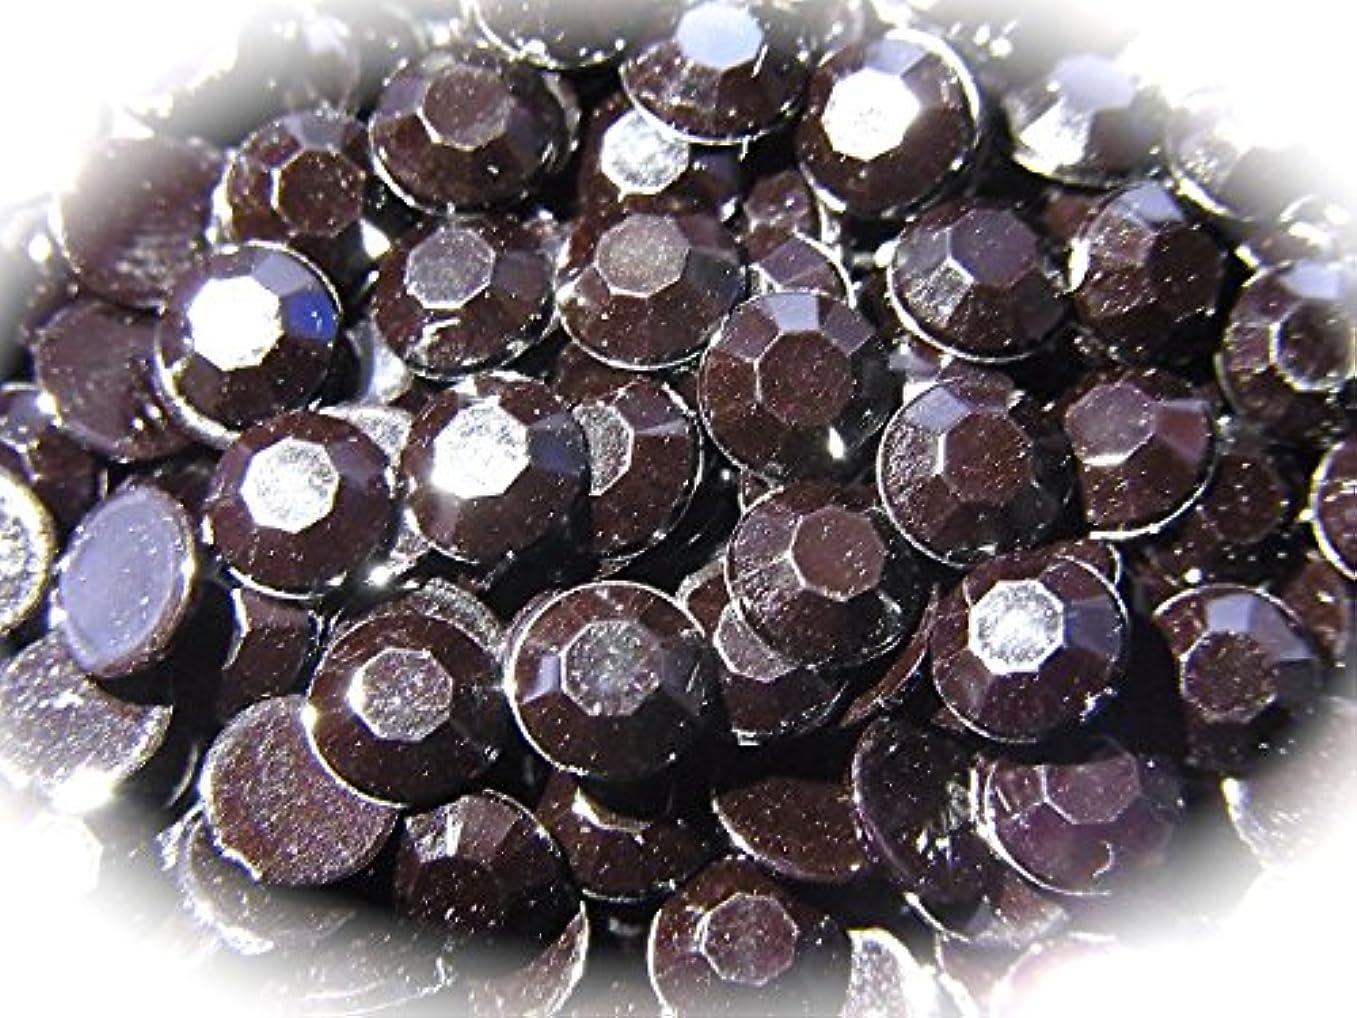 証拠アラーム褐色【jewel】ls1 最高品質 ラインストーン 1.5mm?5mm グルーデコ (1.5mm(300粒), ブラック)